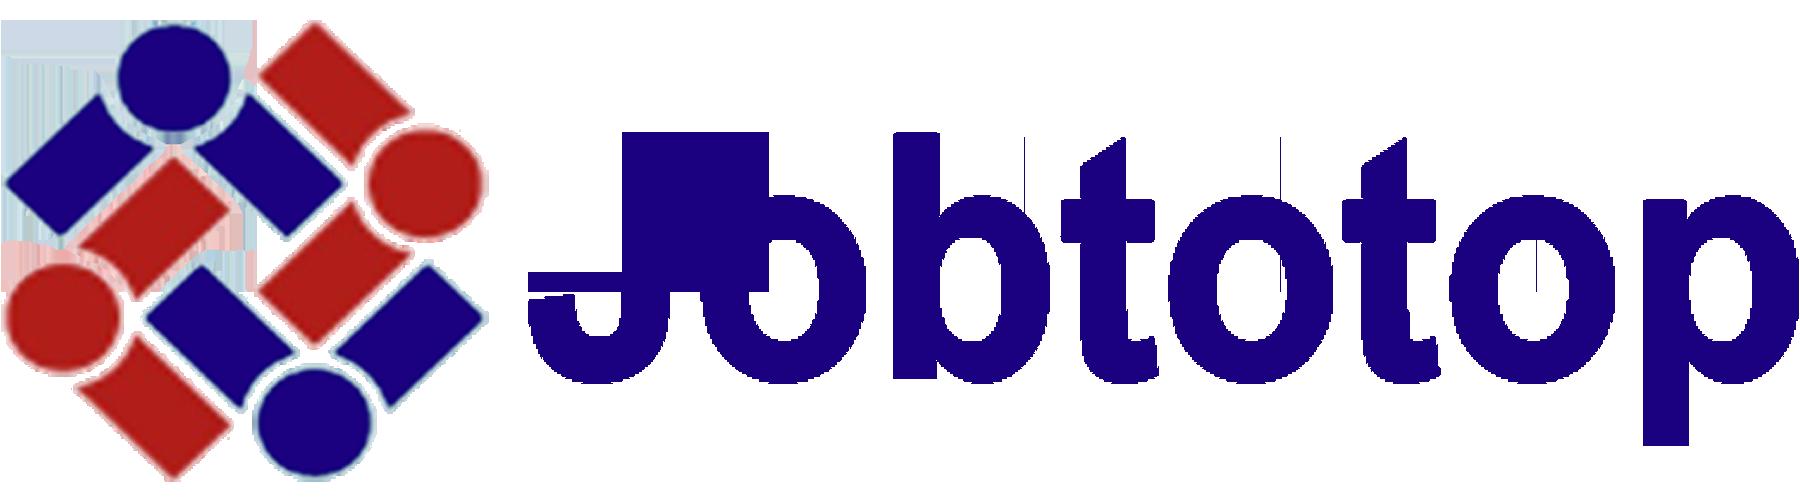 Jobtotop